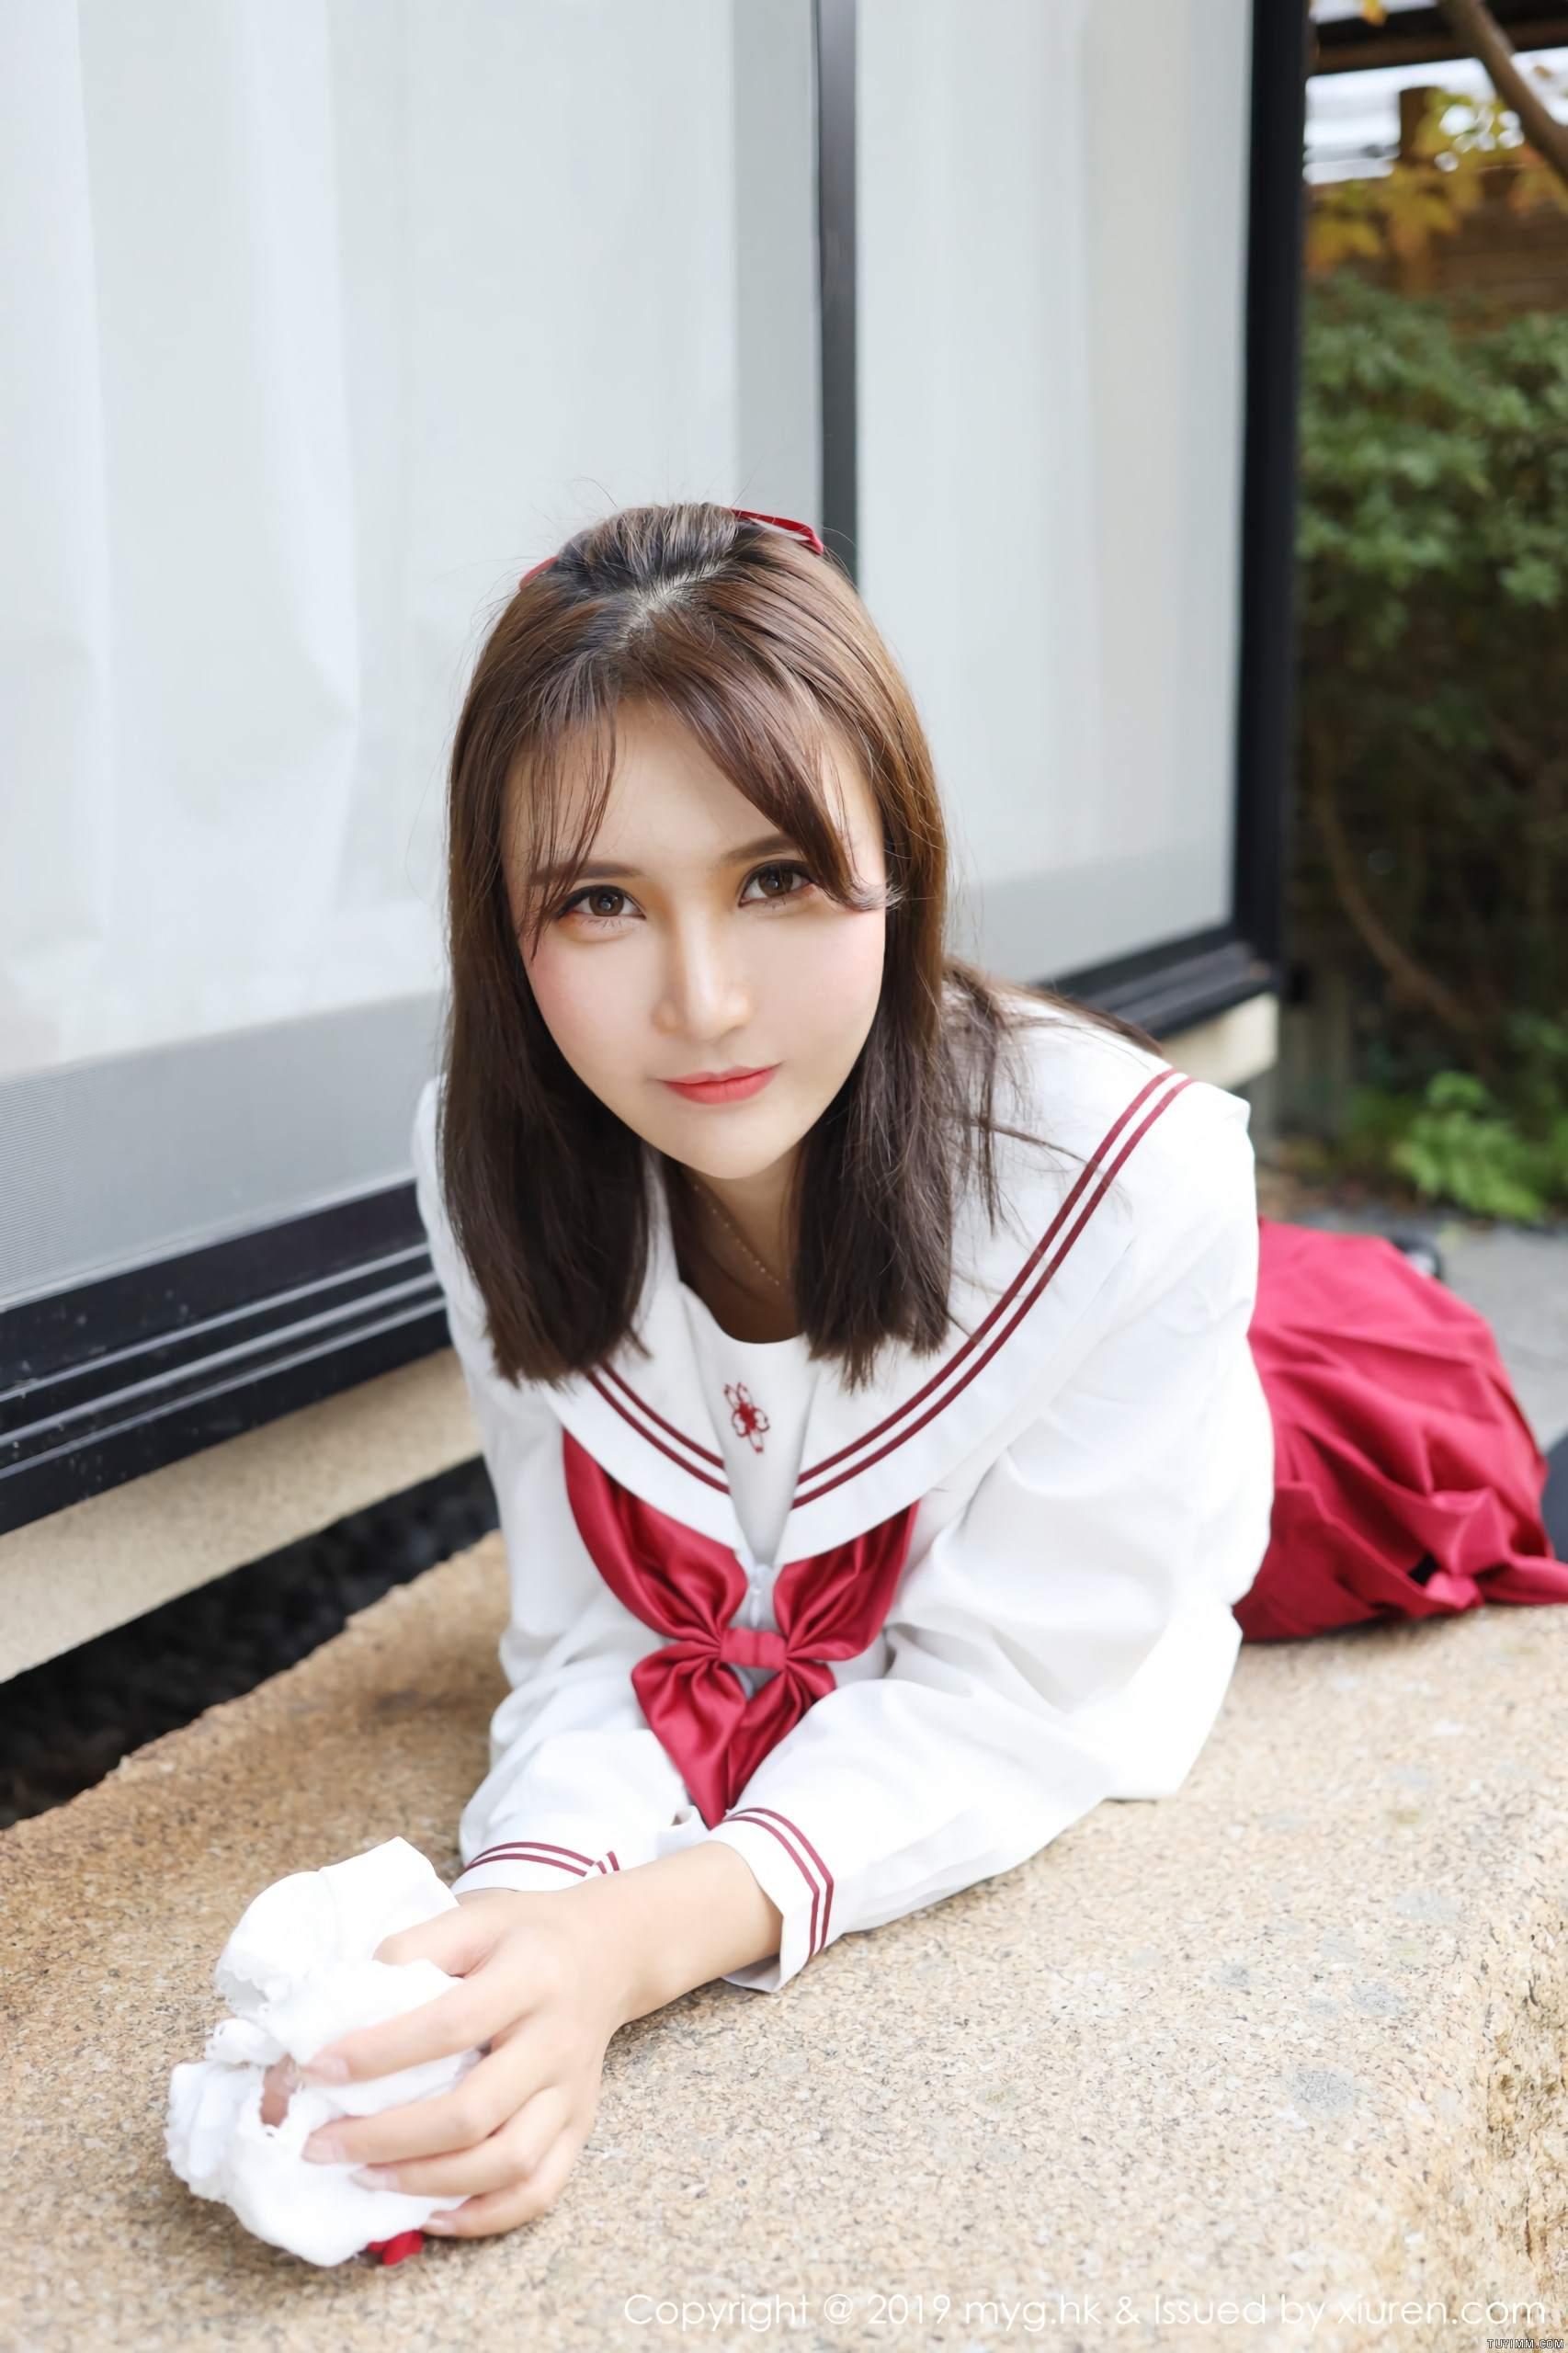 [福利] SOLO-尹菲-第9张图片-哔哔娱乐网